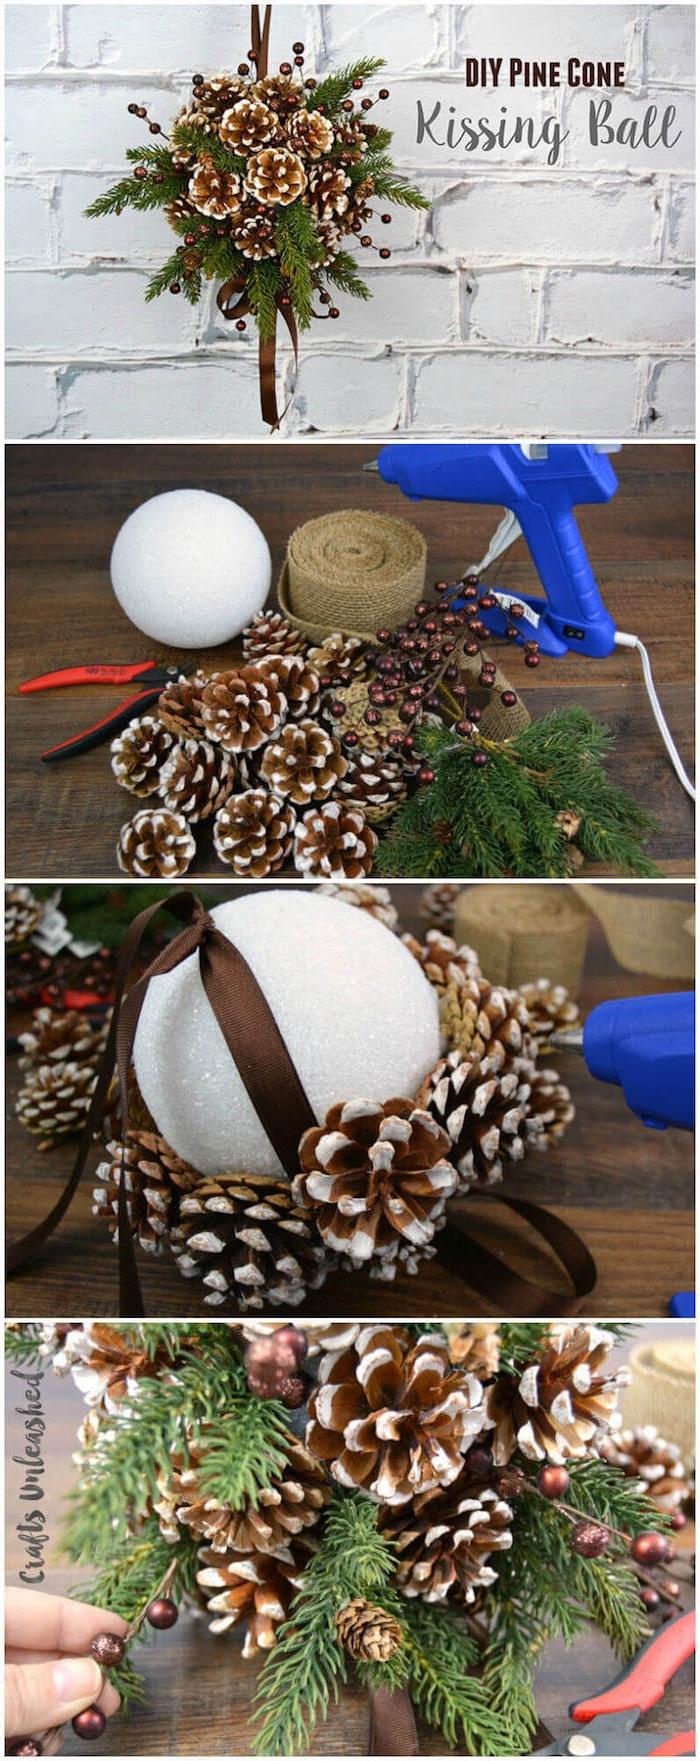 eine diy anleitung, eime weihnachtsdeko selber machen mit braunen kleinen bemalten tannenzapfen und mit einer braunen schleife und vielen grünen ästen